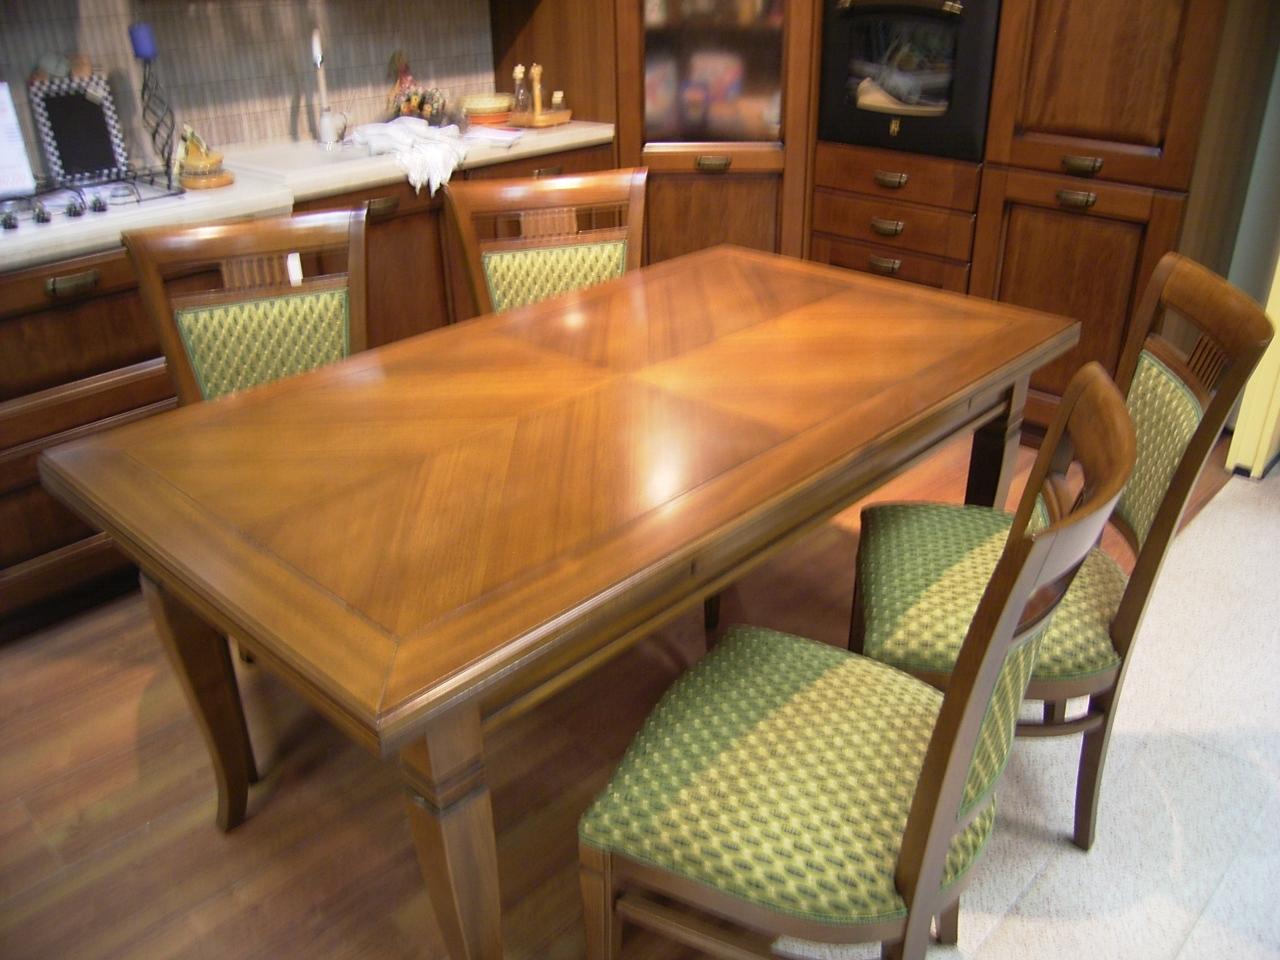 Offerta tavolo e 4 sedie tavoli a prezzi scontati for Tavoli in offerta